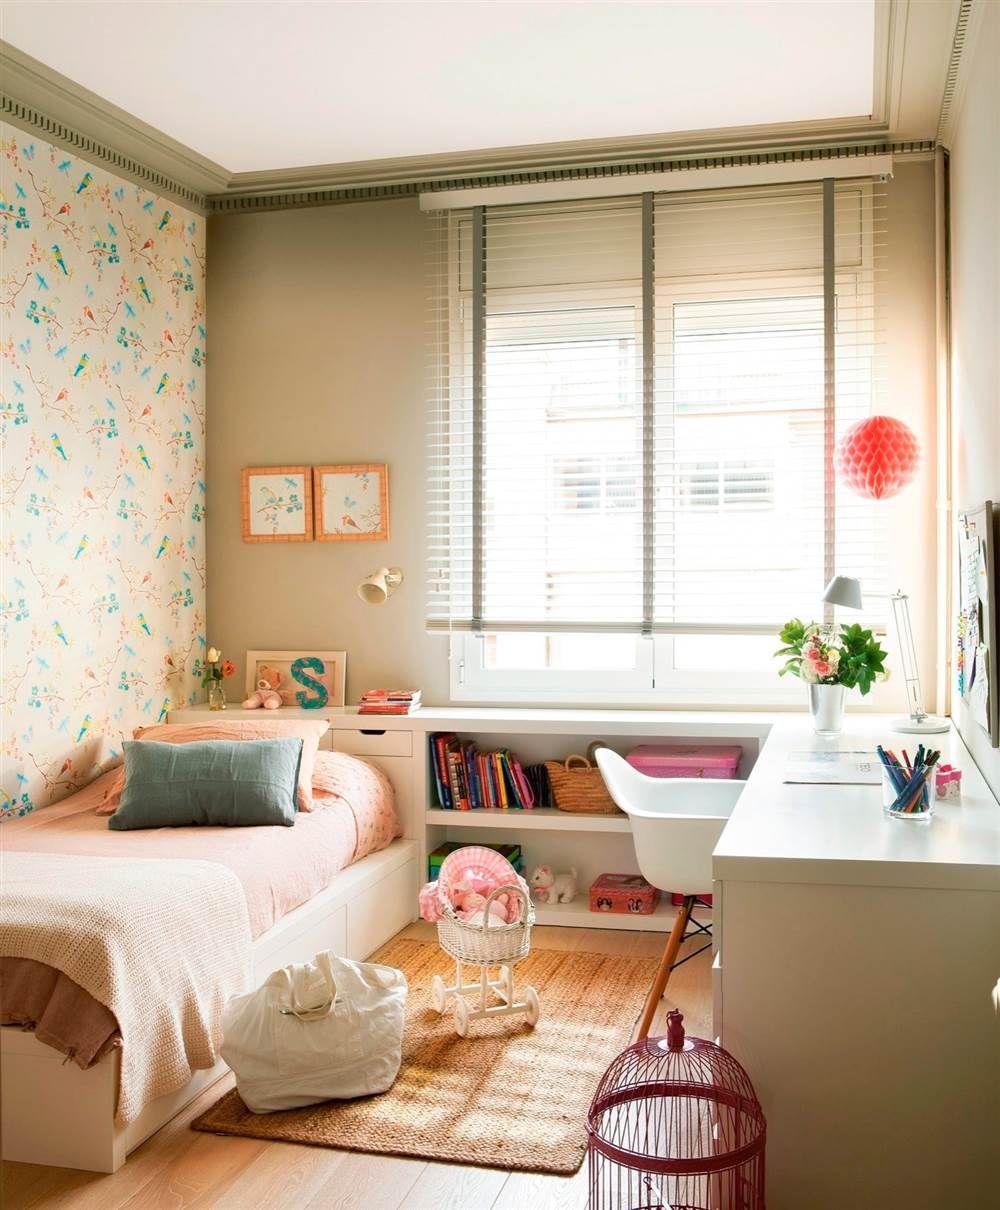 Dormitorio Infantil Con Papel Pintado En Una De Las Paredes  ~ Habitaciones Juveniles Con Papel Pintado